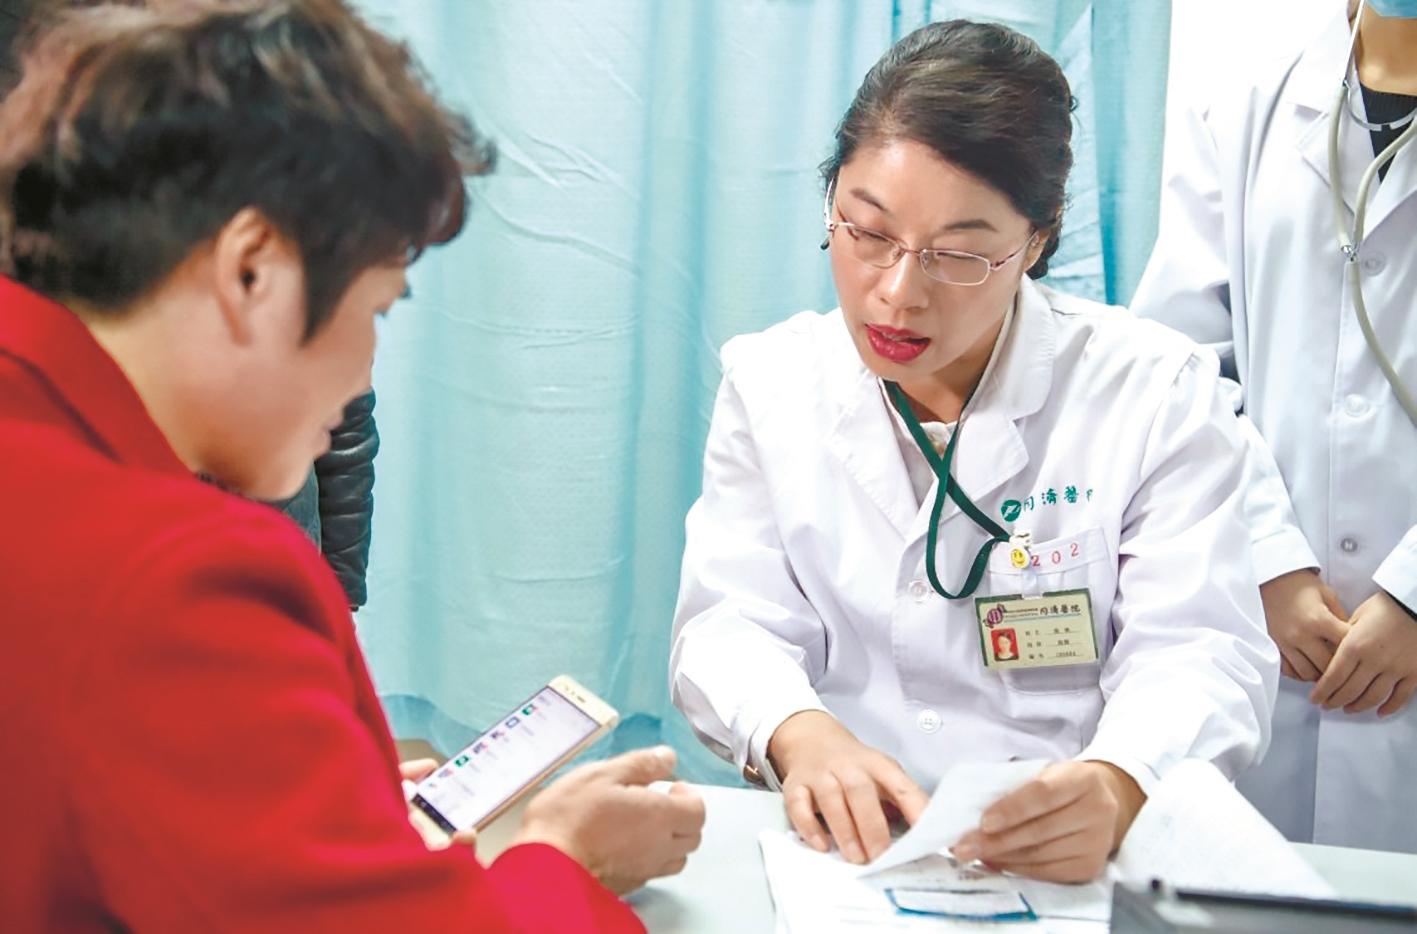 同济刷新线上门诊挂号服务 患者看完病即可预约复诊号